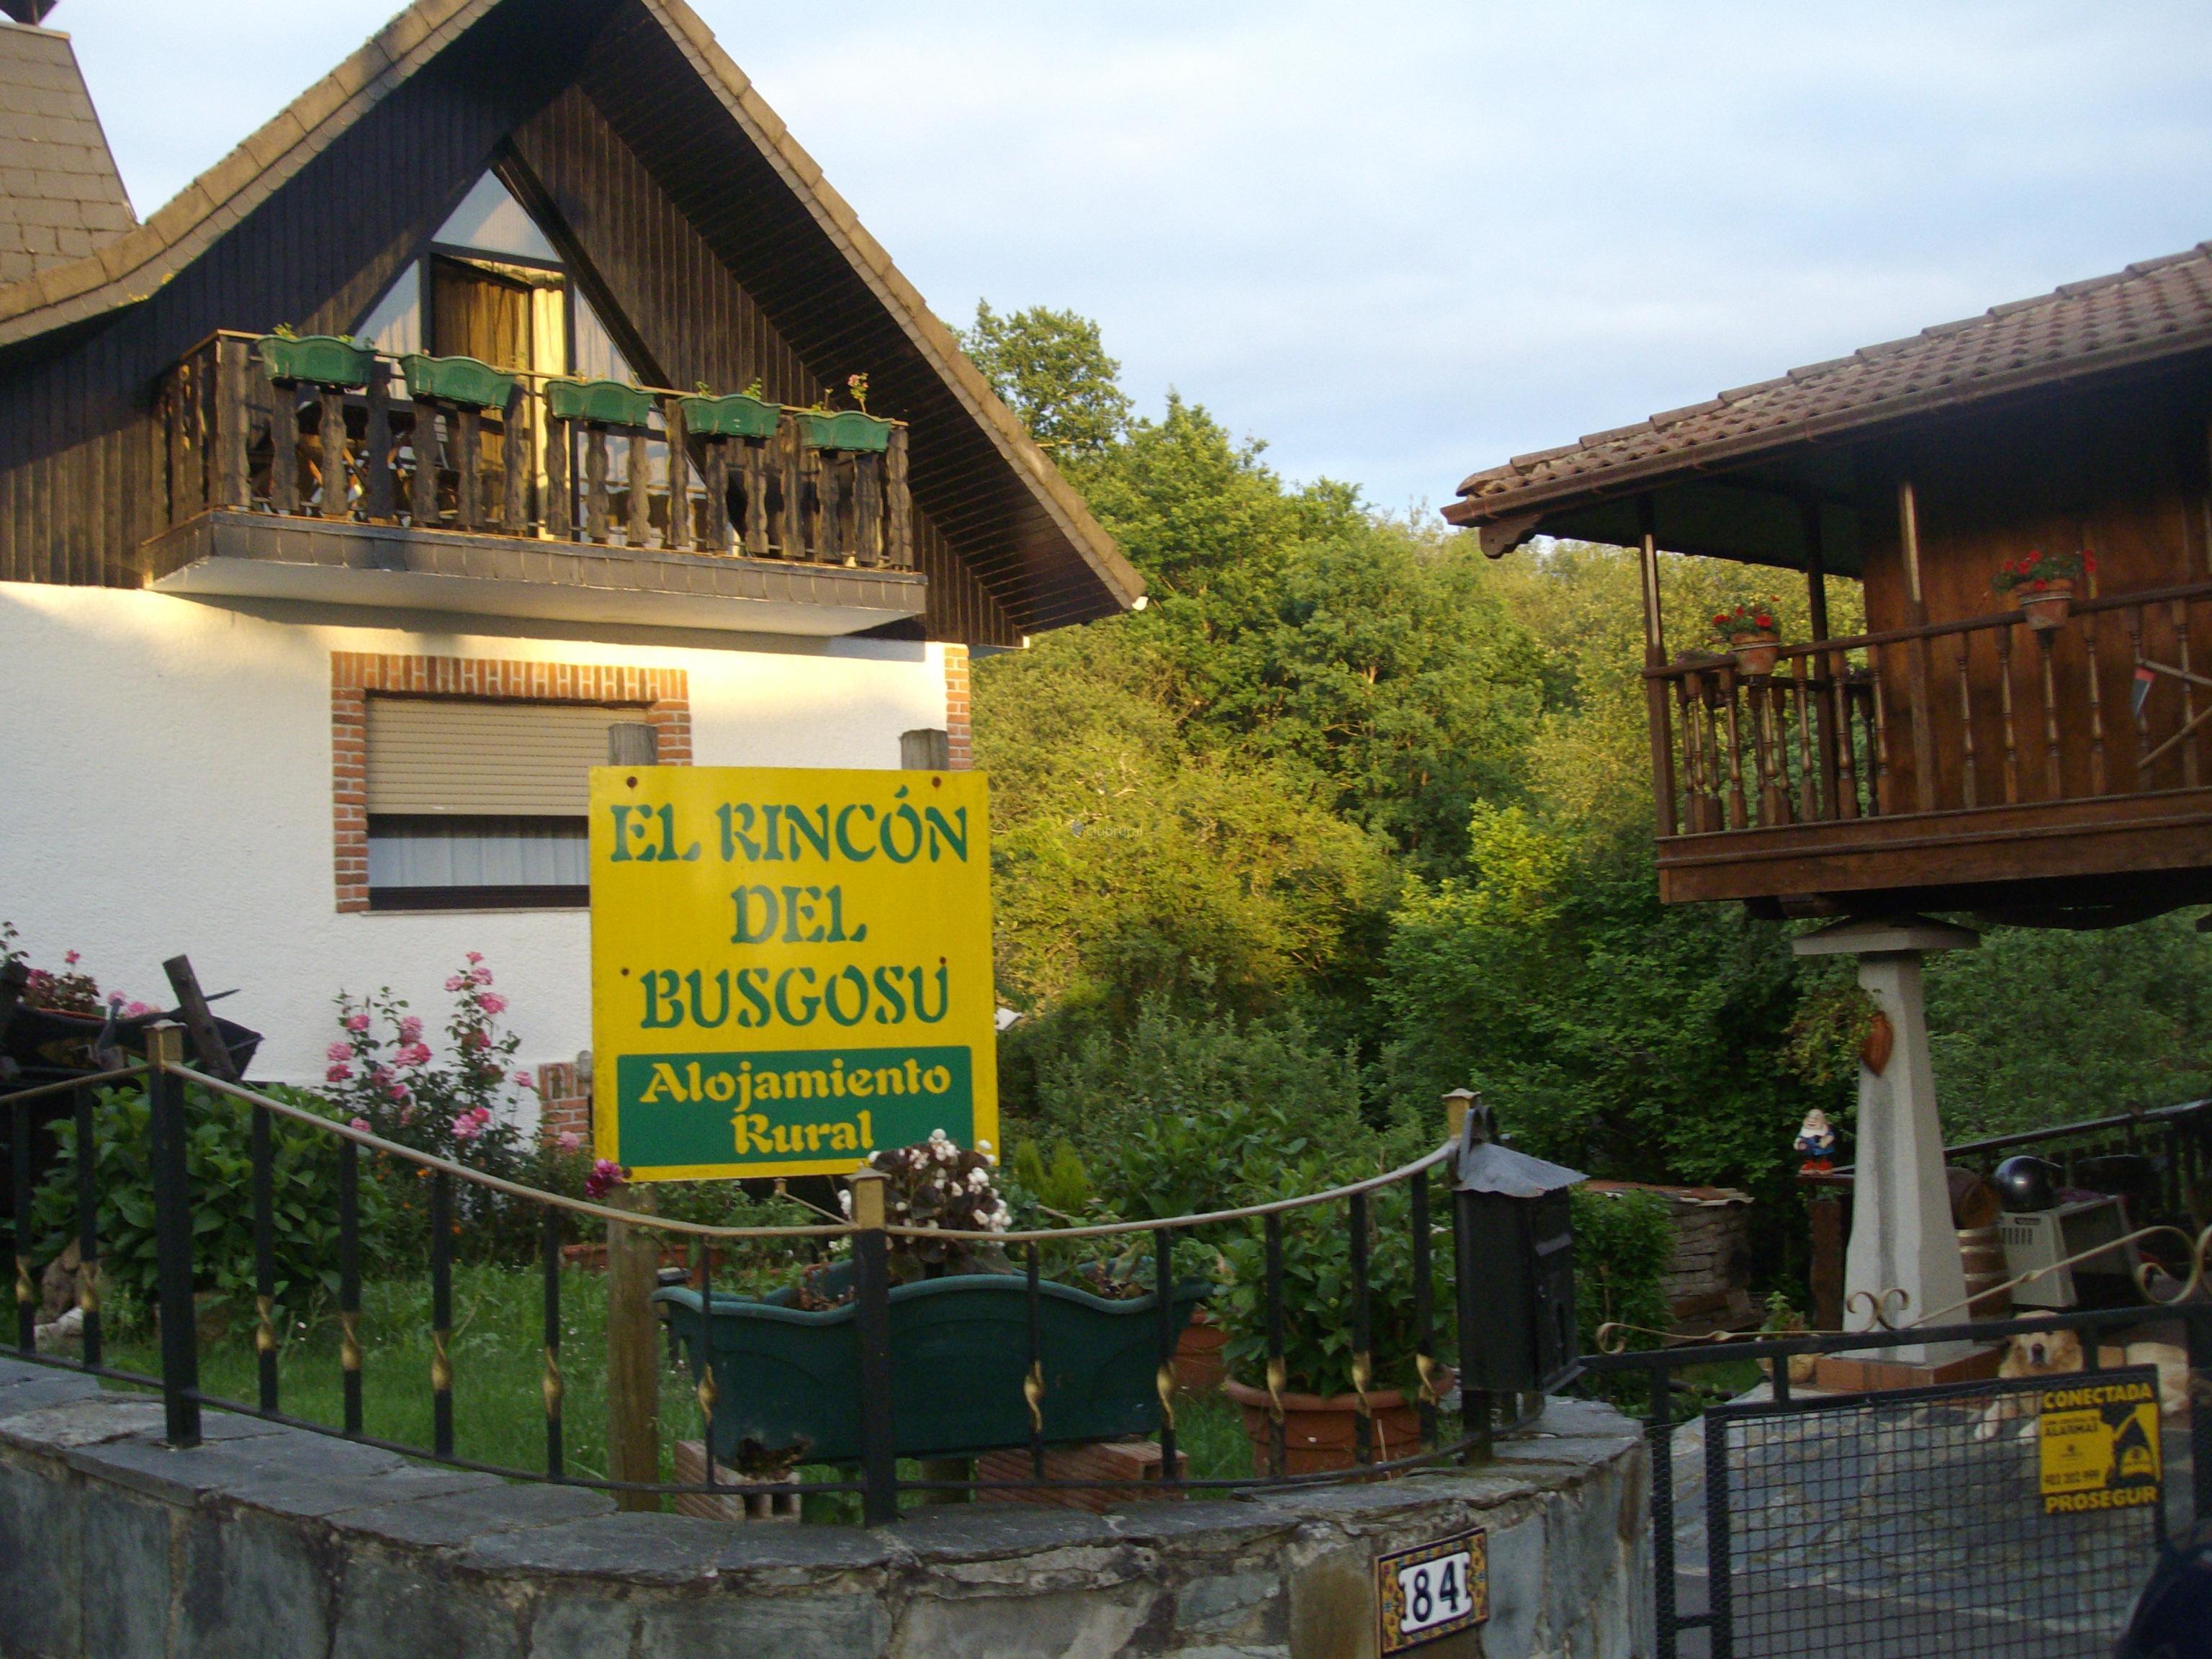 Fotos de el rinc n del busgosu asturias cangas de onis - El rincon del sibarita ...